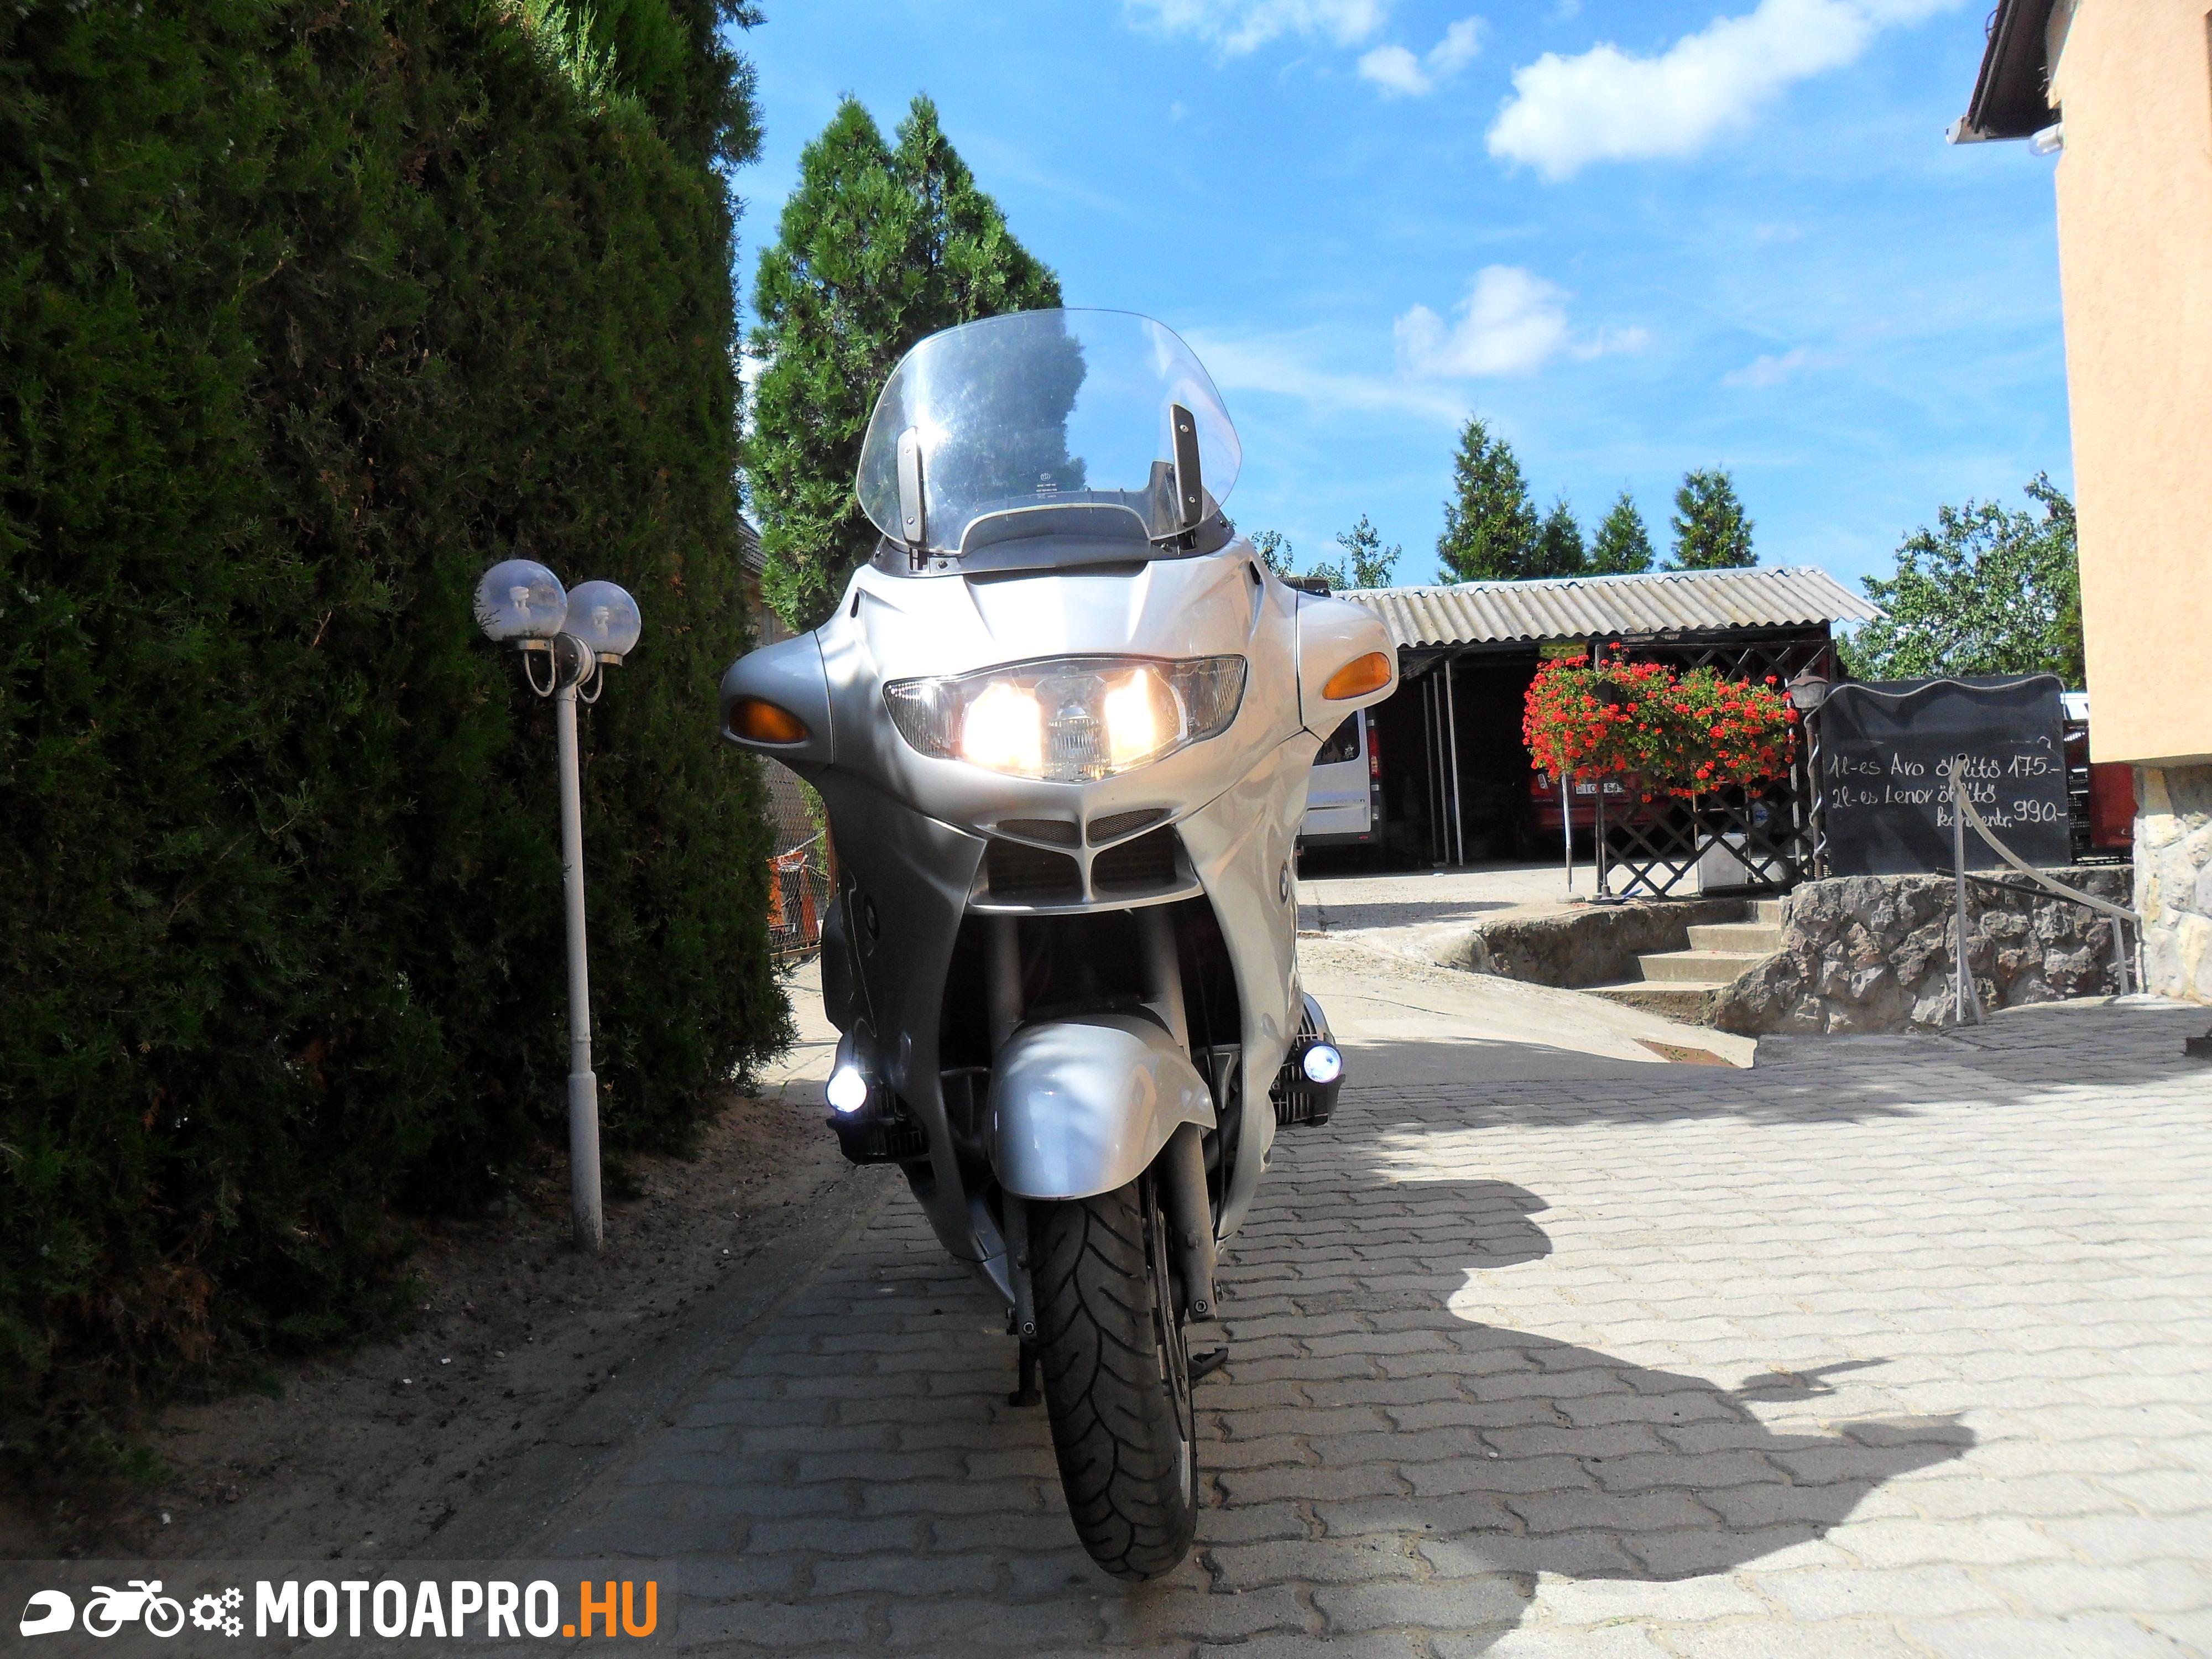 403ac8882e51 BMW R 1150 RT | motoapro.hu - Apróhirdetés: eladó motorok, motoros ...